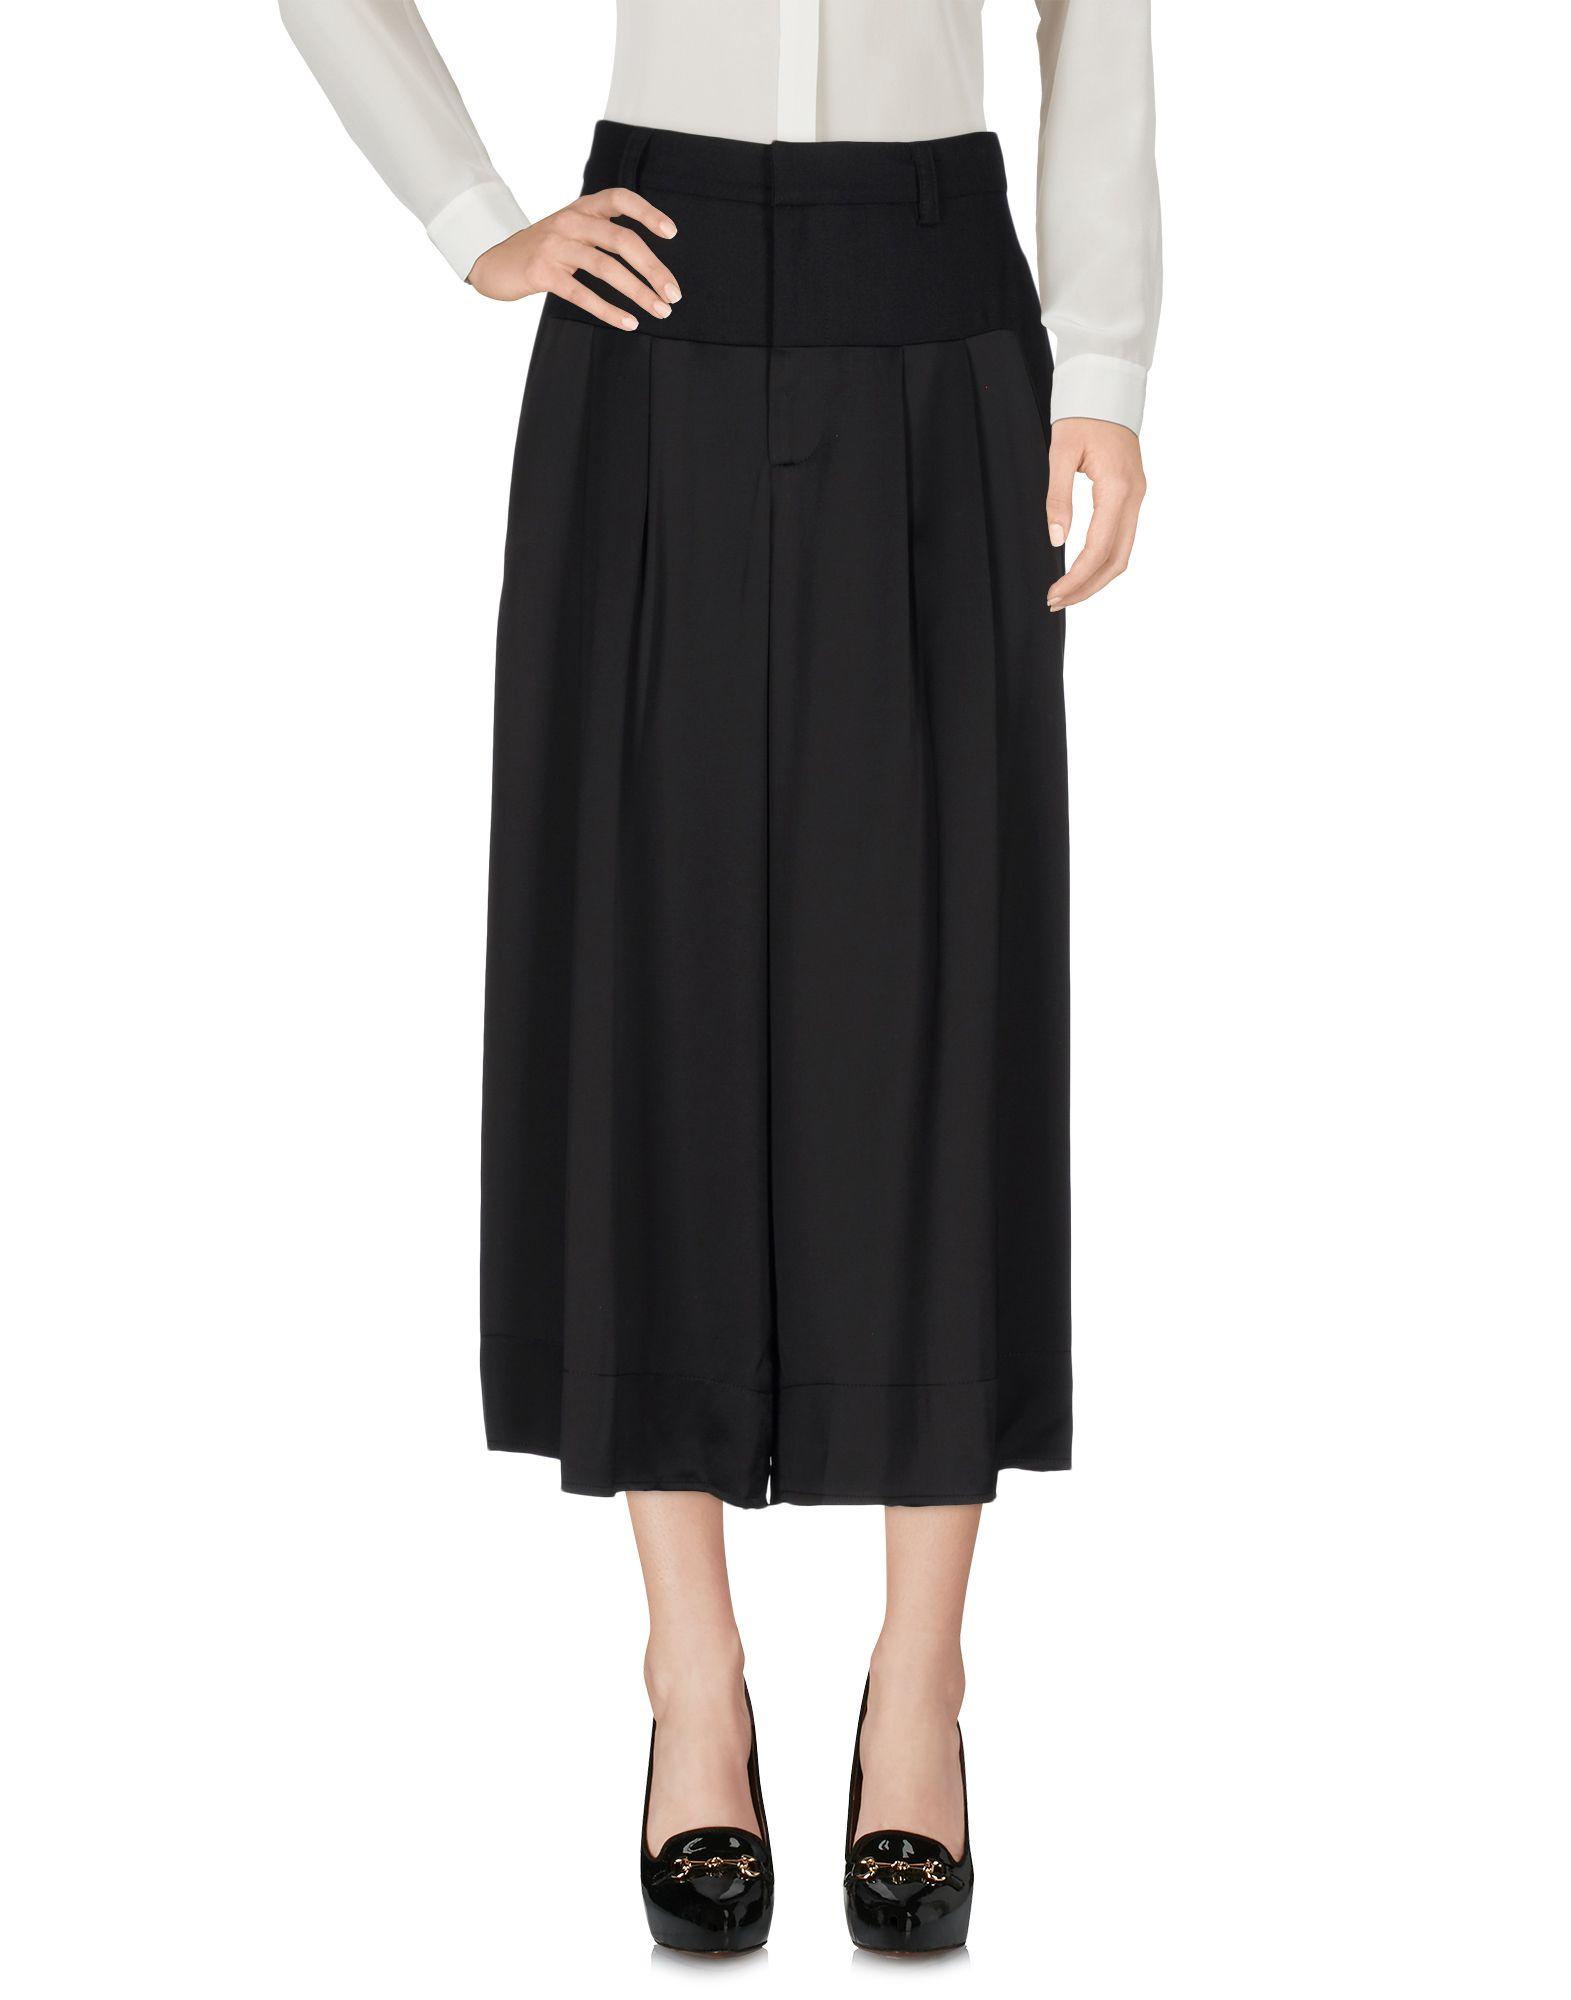 Pantalone Classico Sea Donna - Acquista online su 12at1